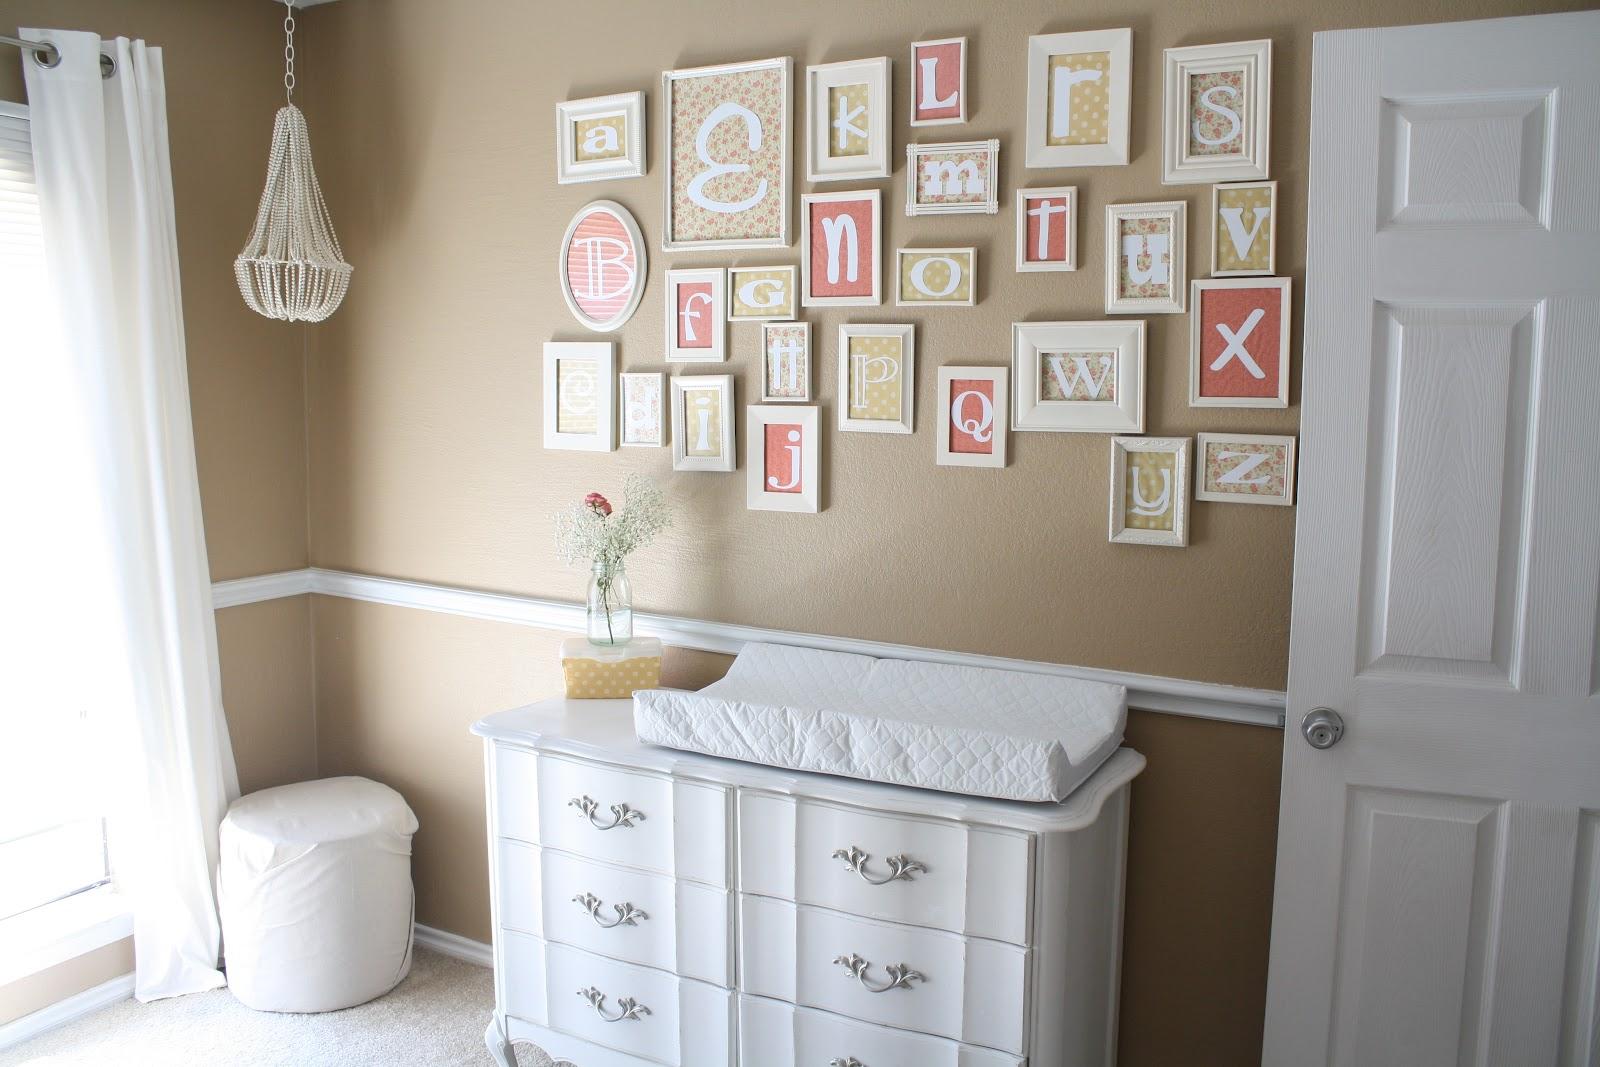 Come decorare le pareti di casa in stile shabby chic: idee e foto